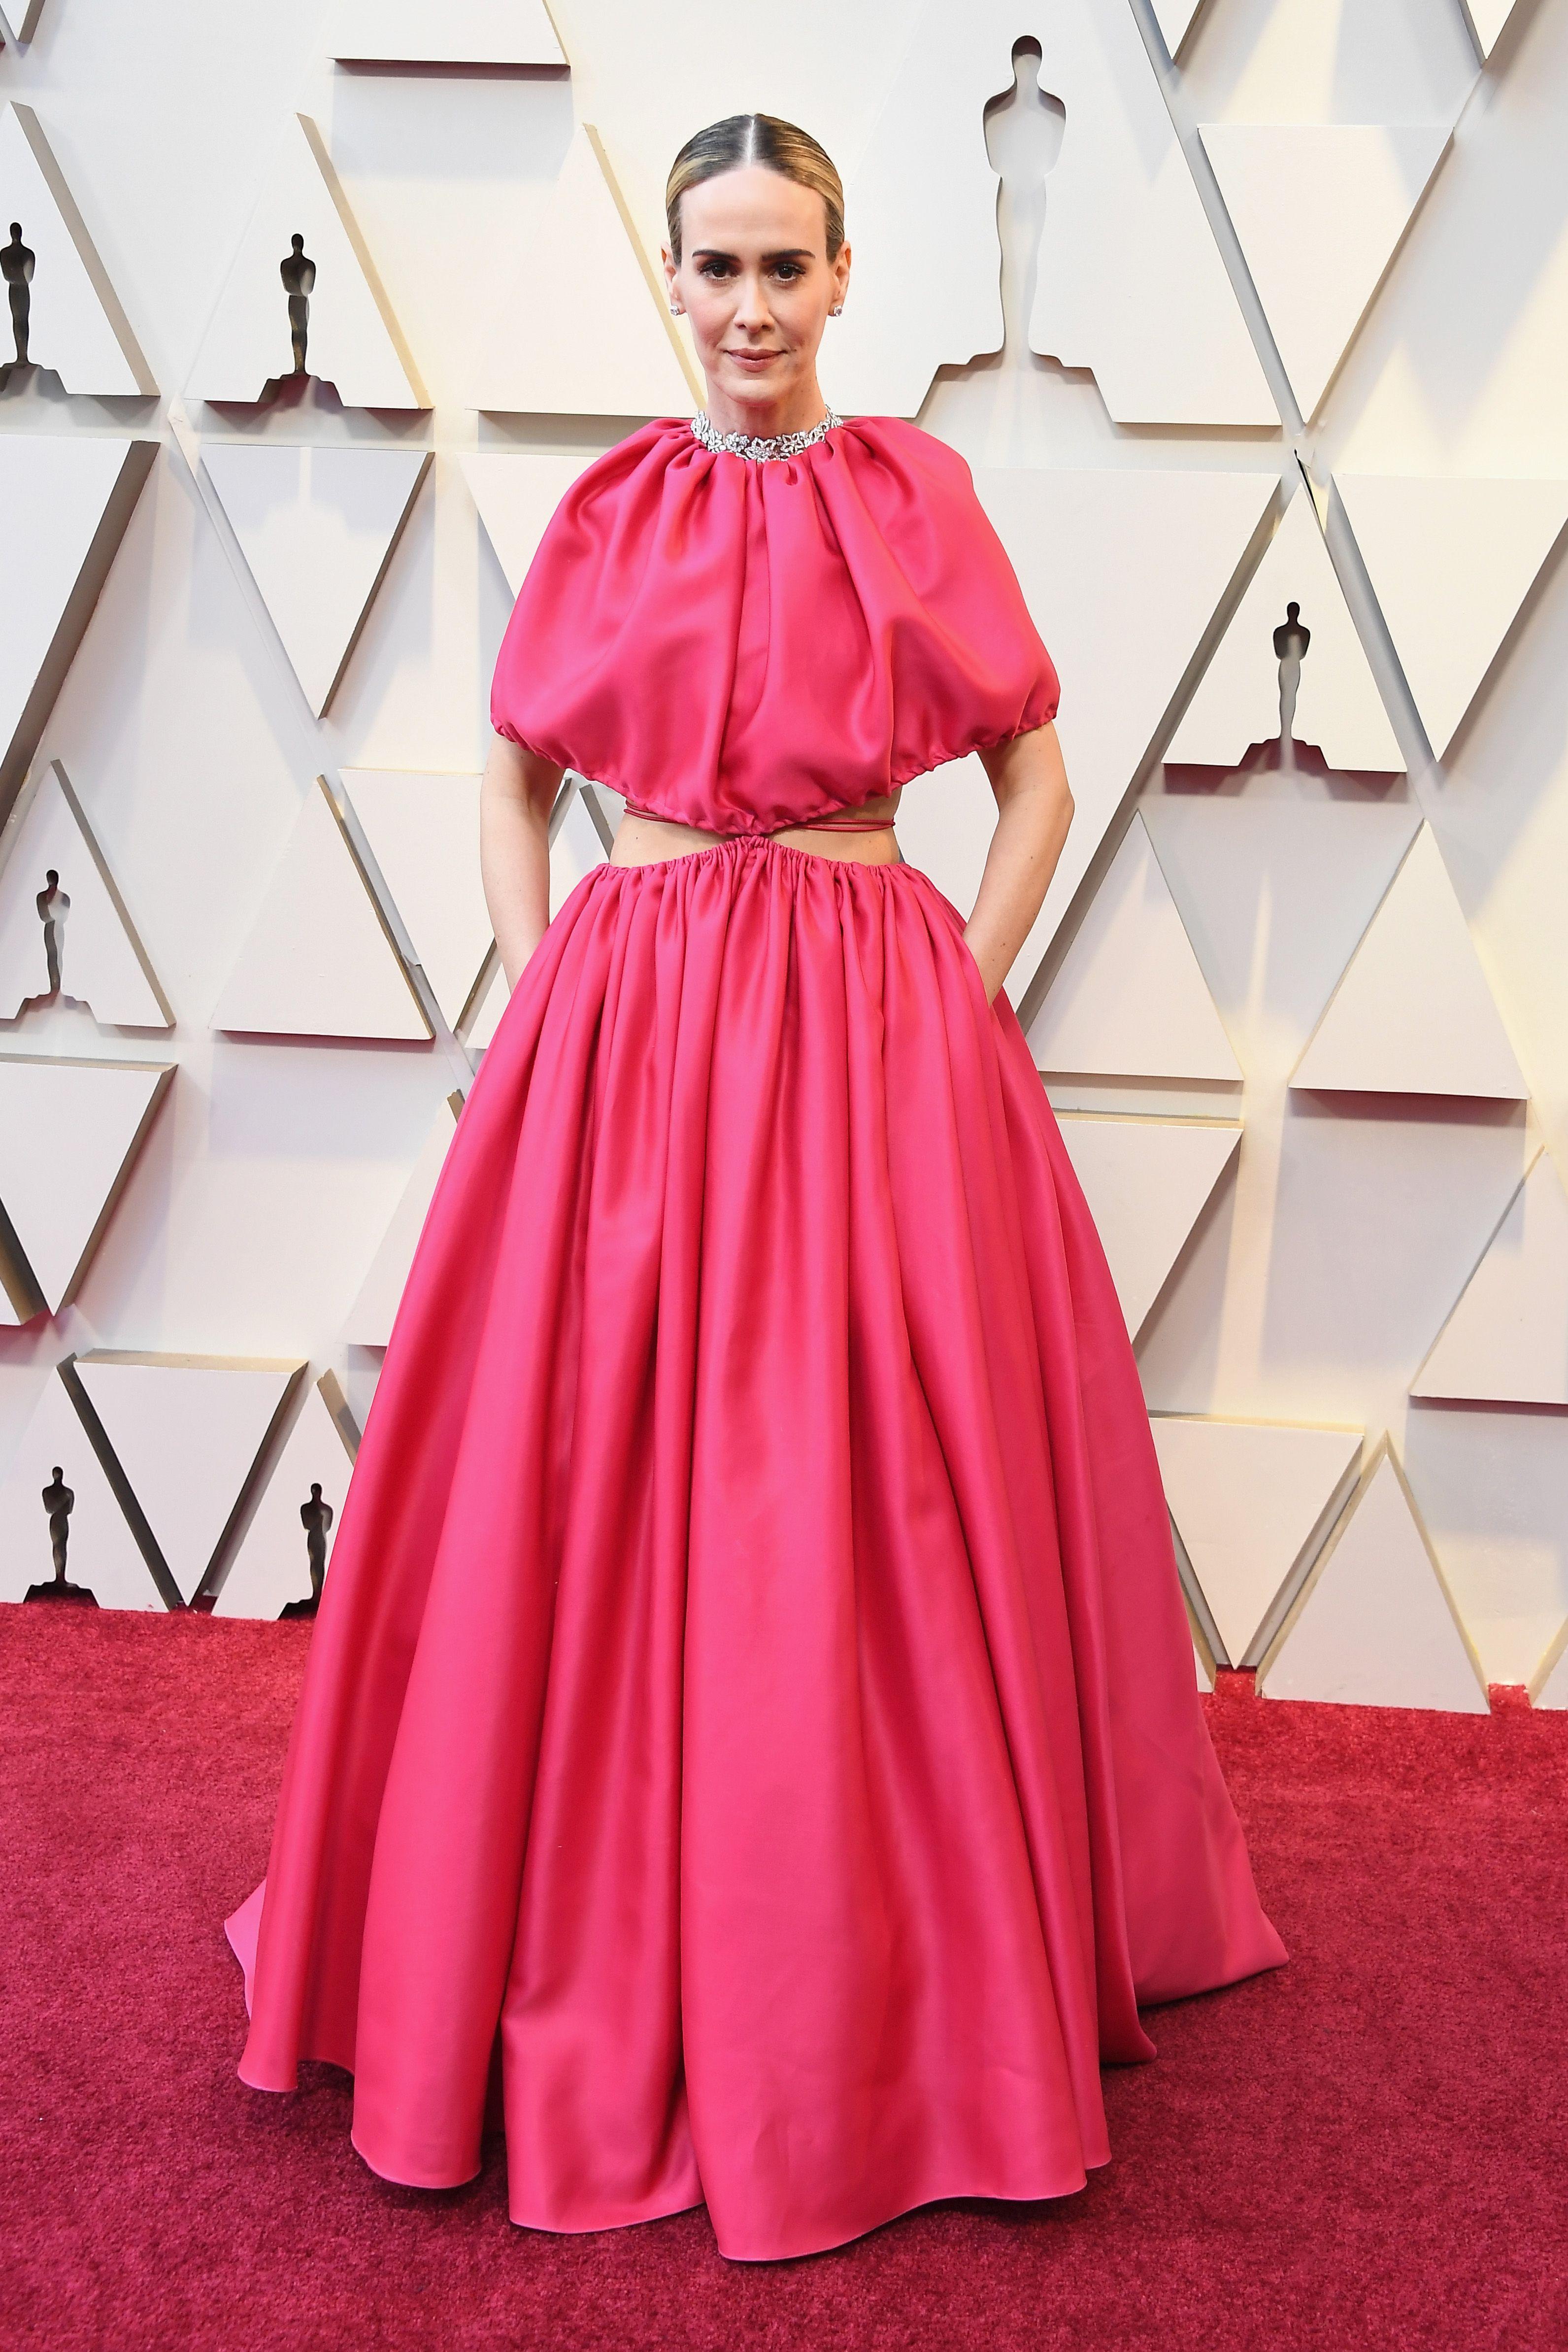 91st Annual Academy Awards - Arrivals - Sarah Paulson